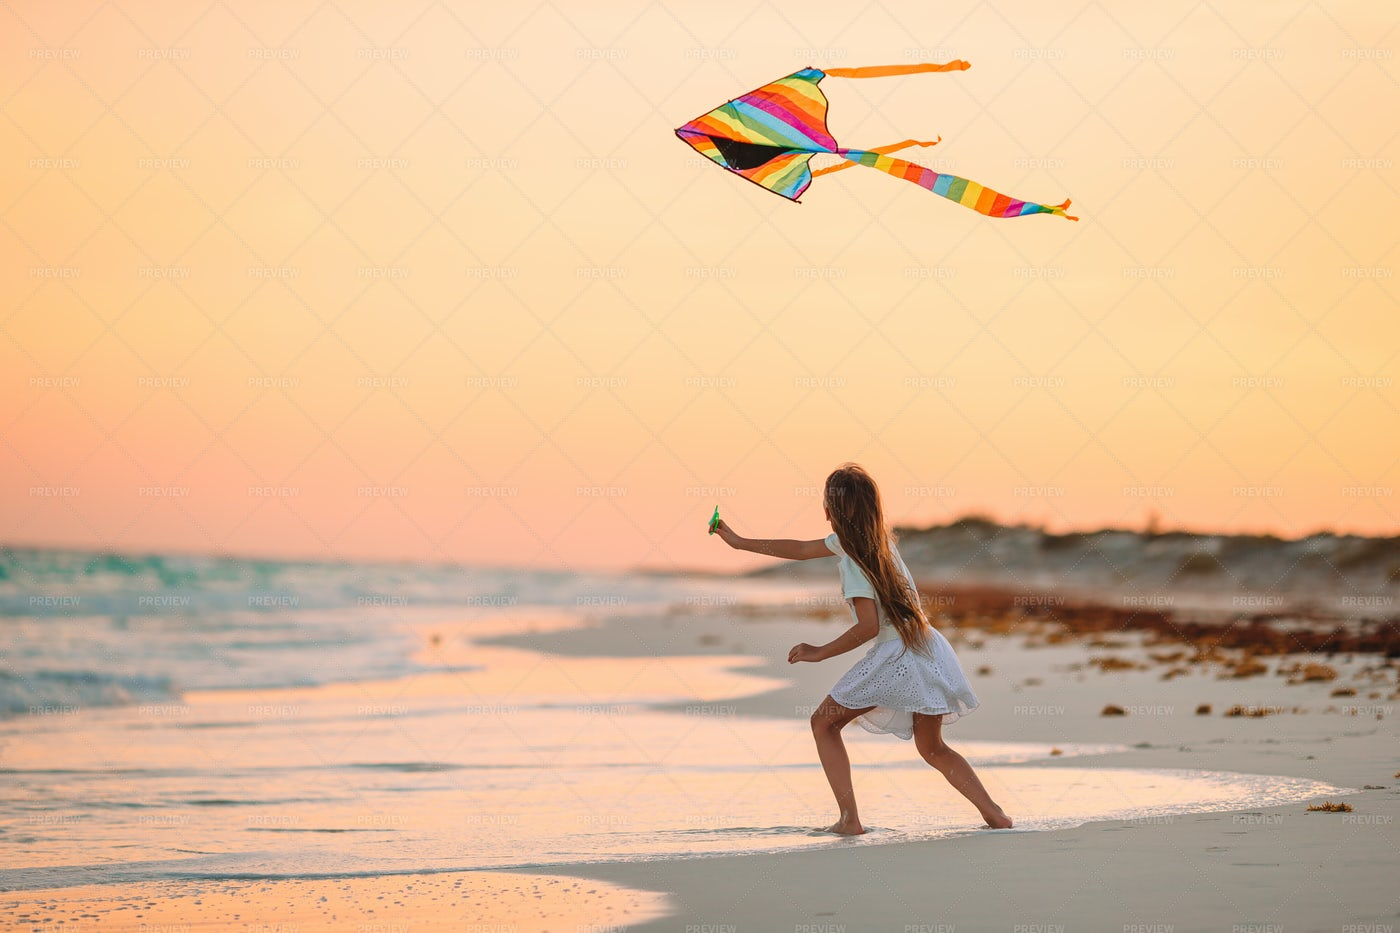 Flying Rainbow Kite On Beach: Stock Photos